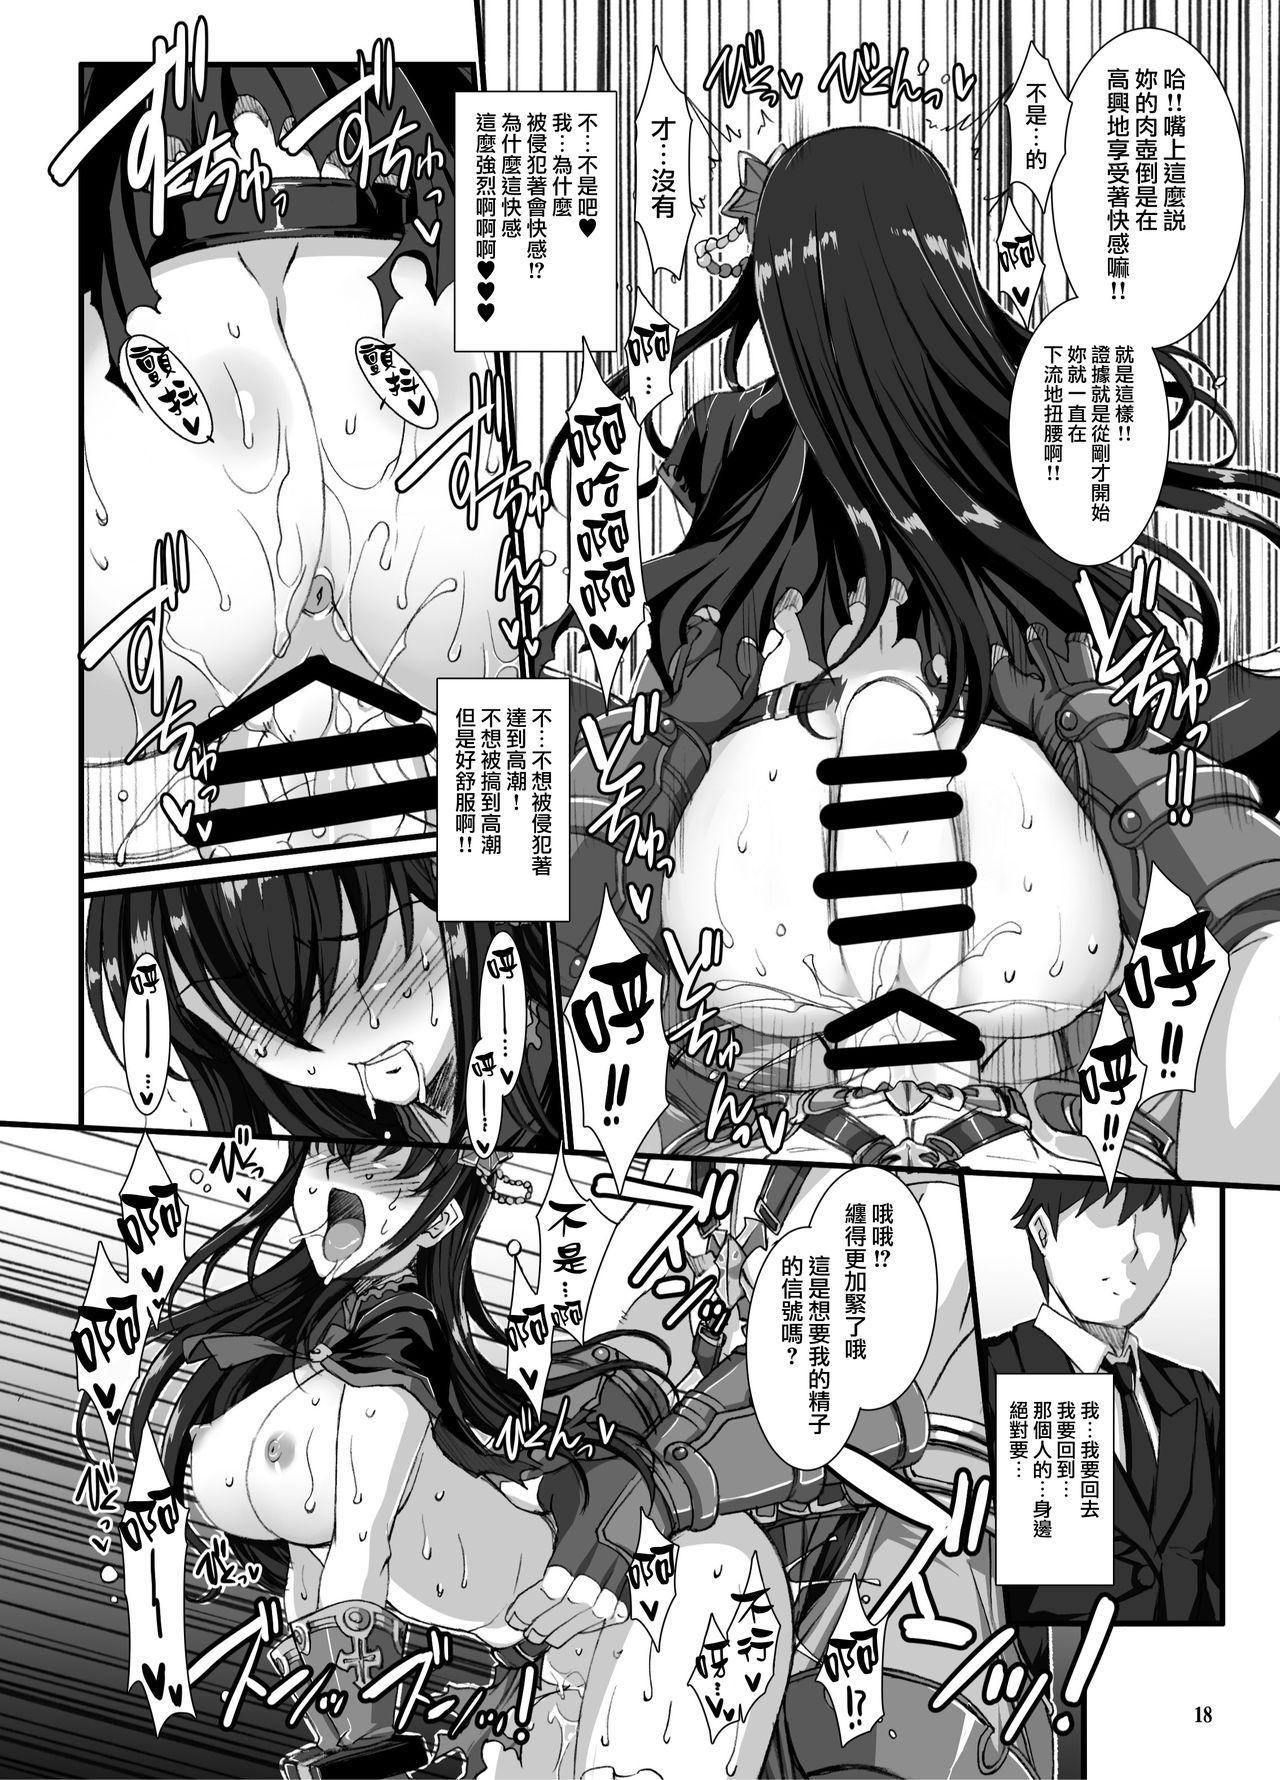 Haikaburi Hime Tachi no Enbu 17